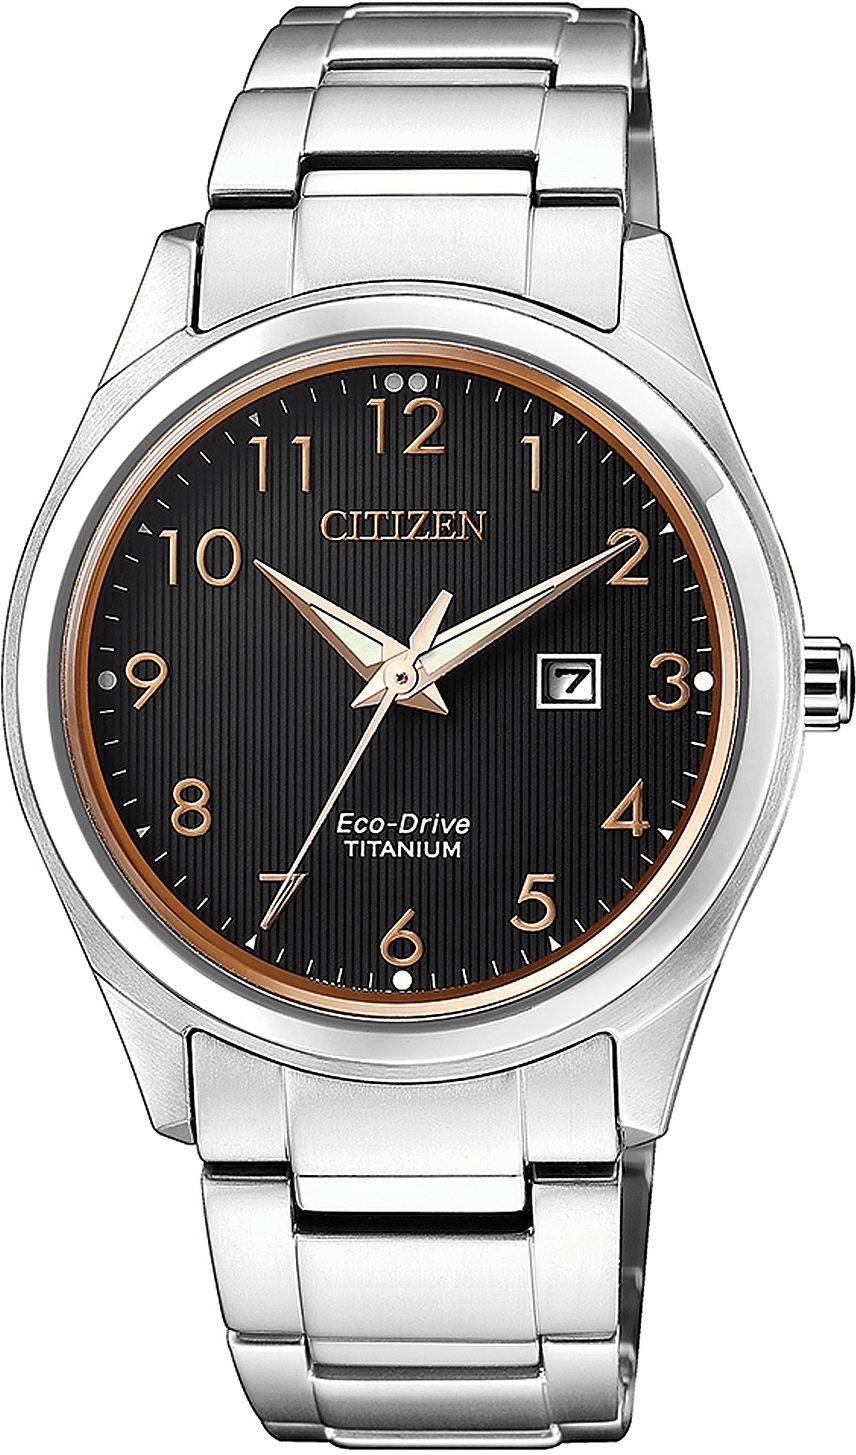 Citizen Eco-Drive Super Titanium (EW2470-87F)